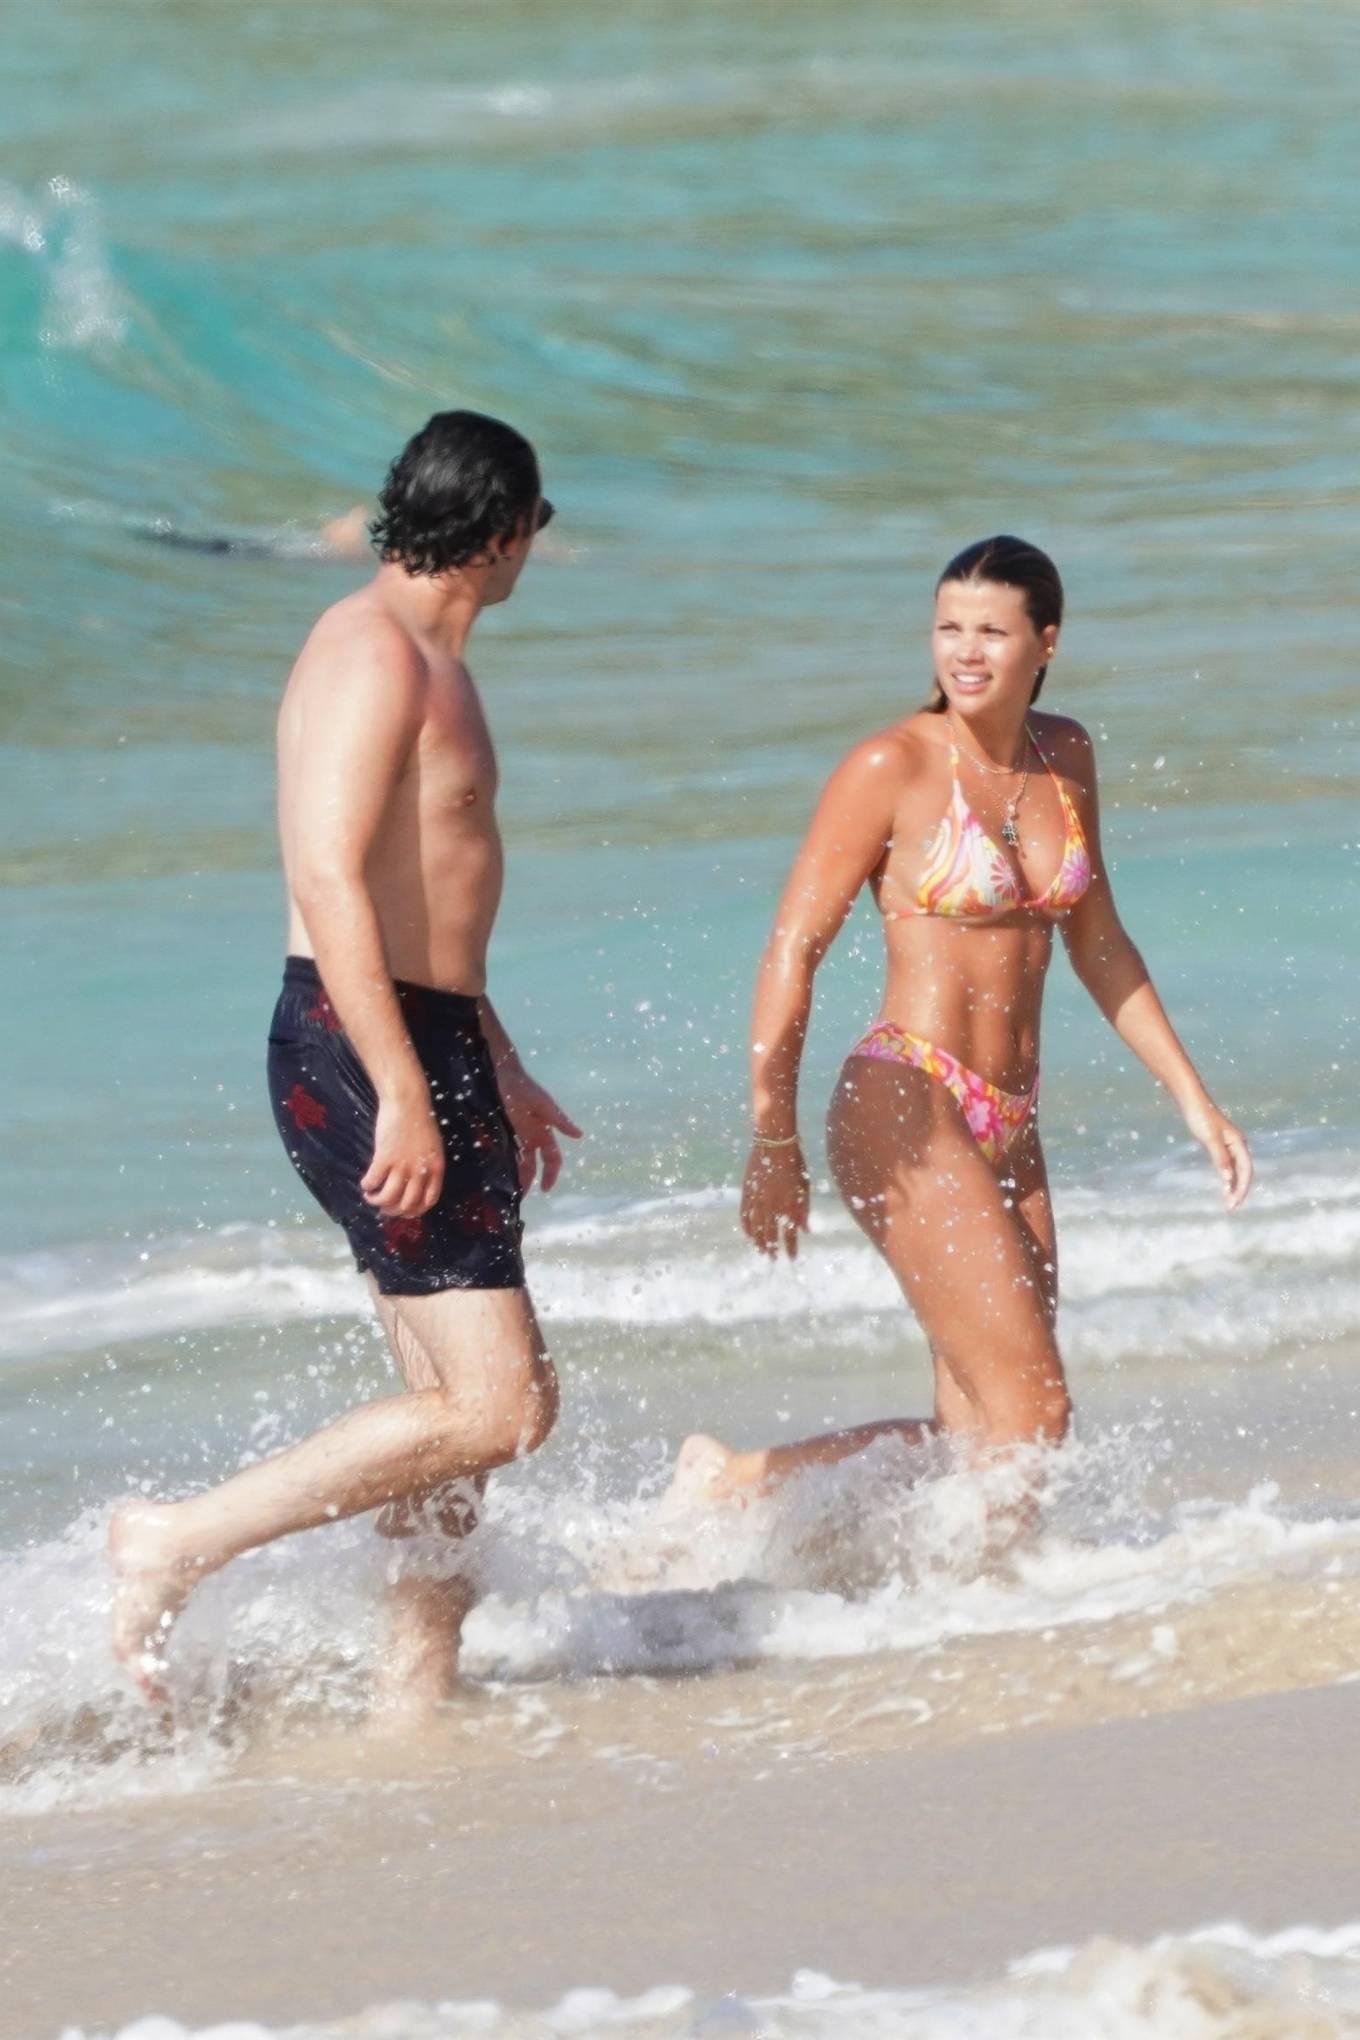 Sofia Richie 2021 : Sofia Richie – With new boyfriend Elliot Grainge in St Barts-39